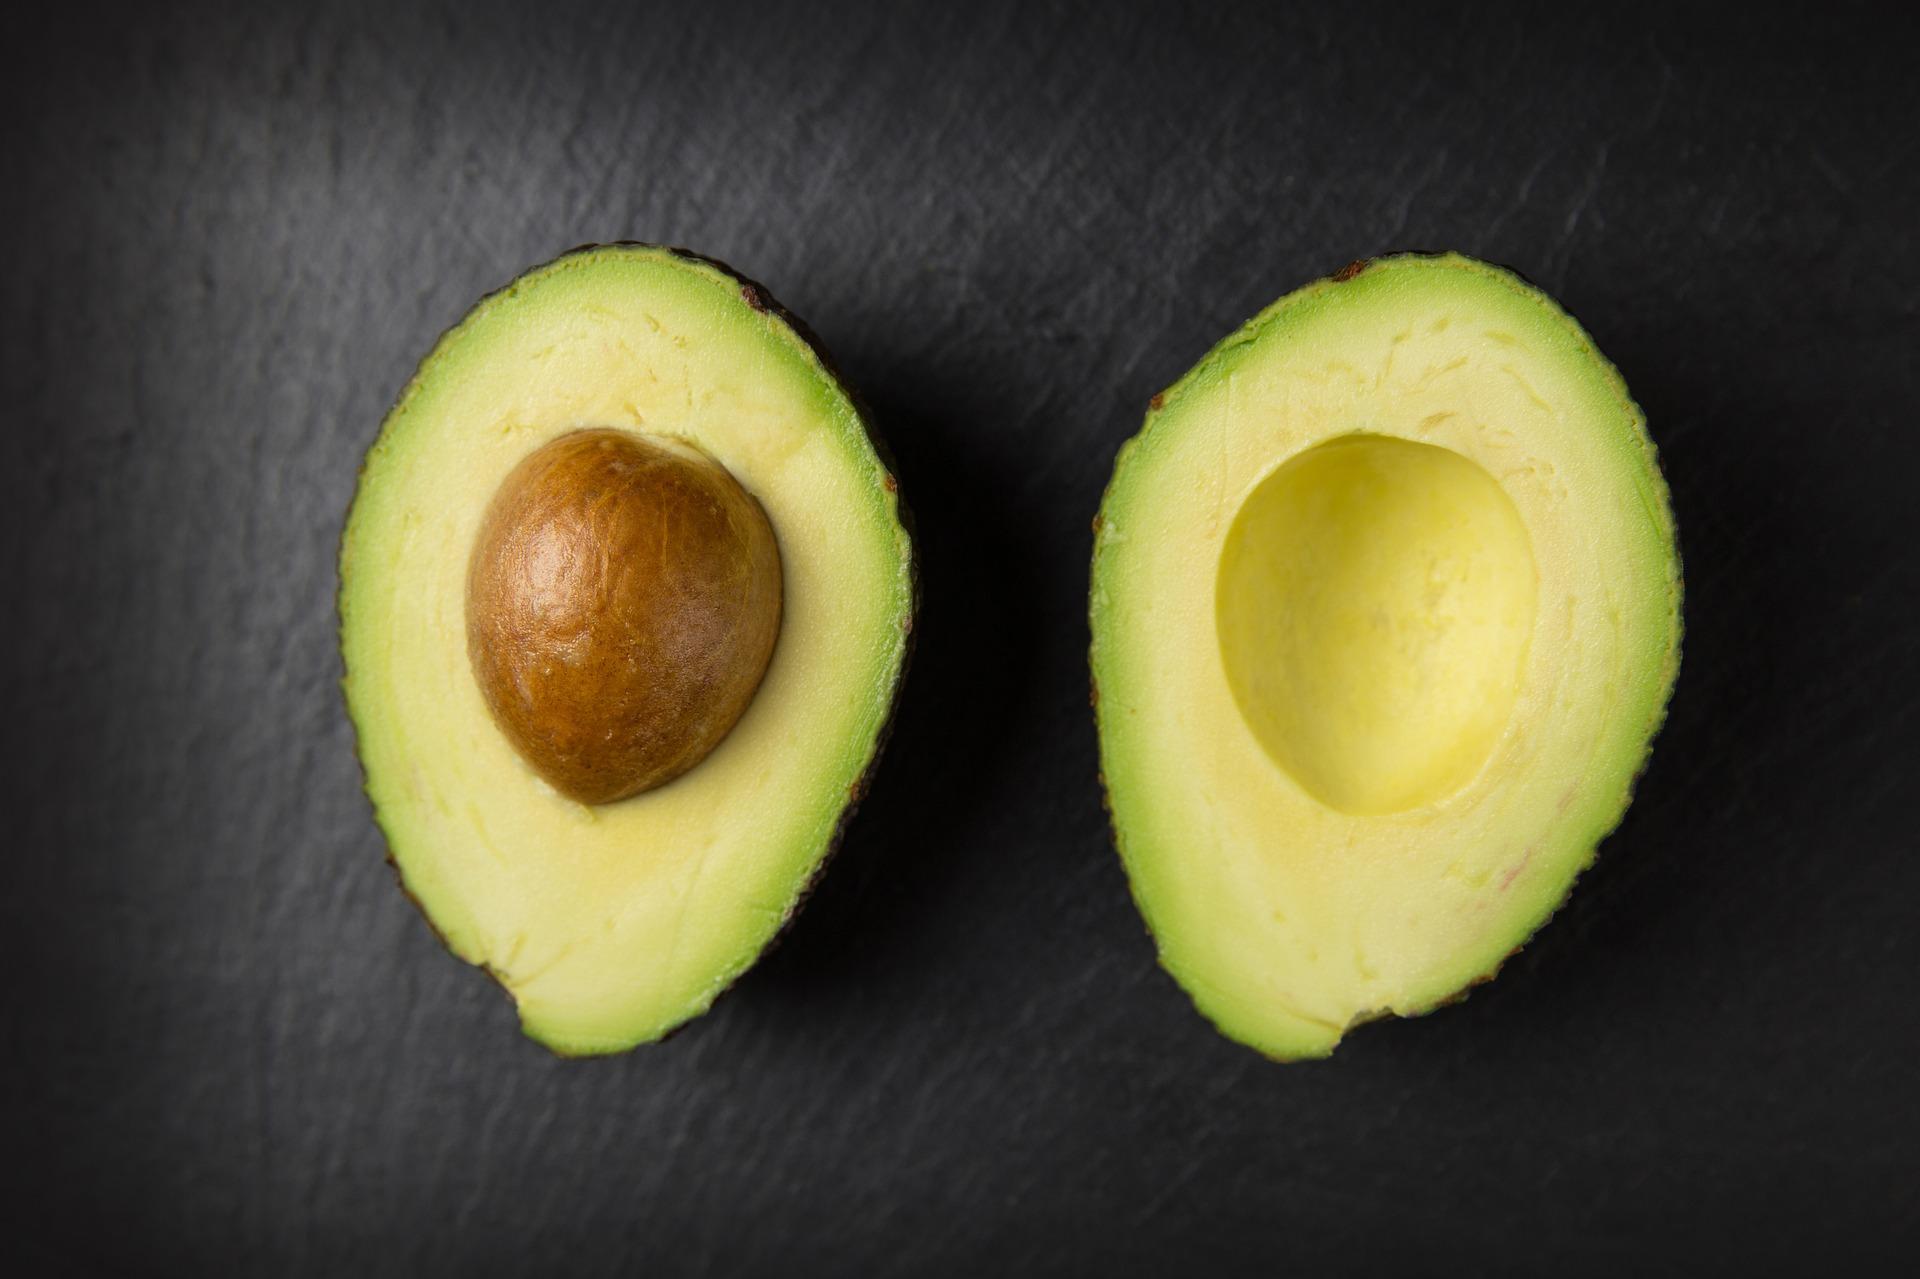 Le due principali varietà commerciali di avocado sono la Fuerte e la Hass; quest'ultima, considerata più pregiata, è stata brevettata nel 1935 da un postino di Los Angeles.